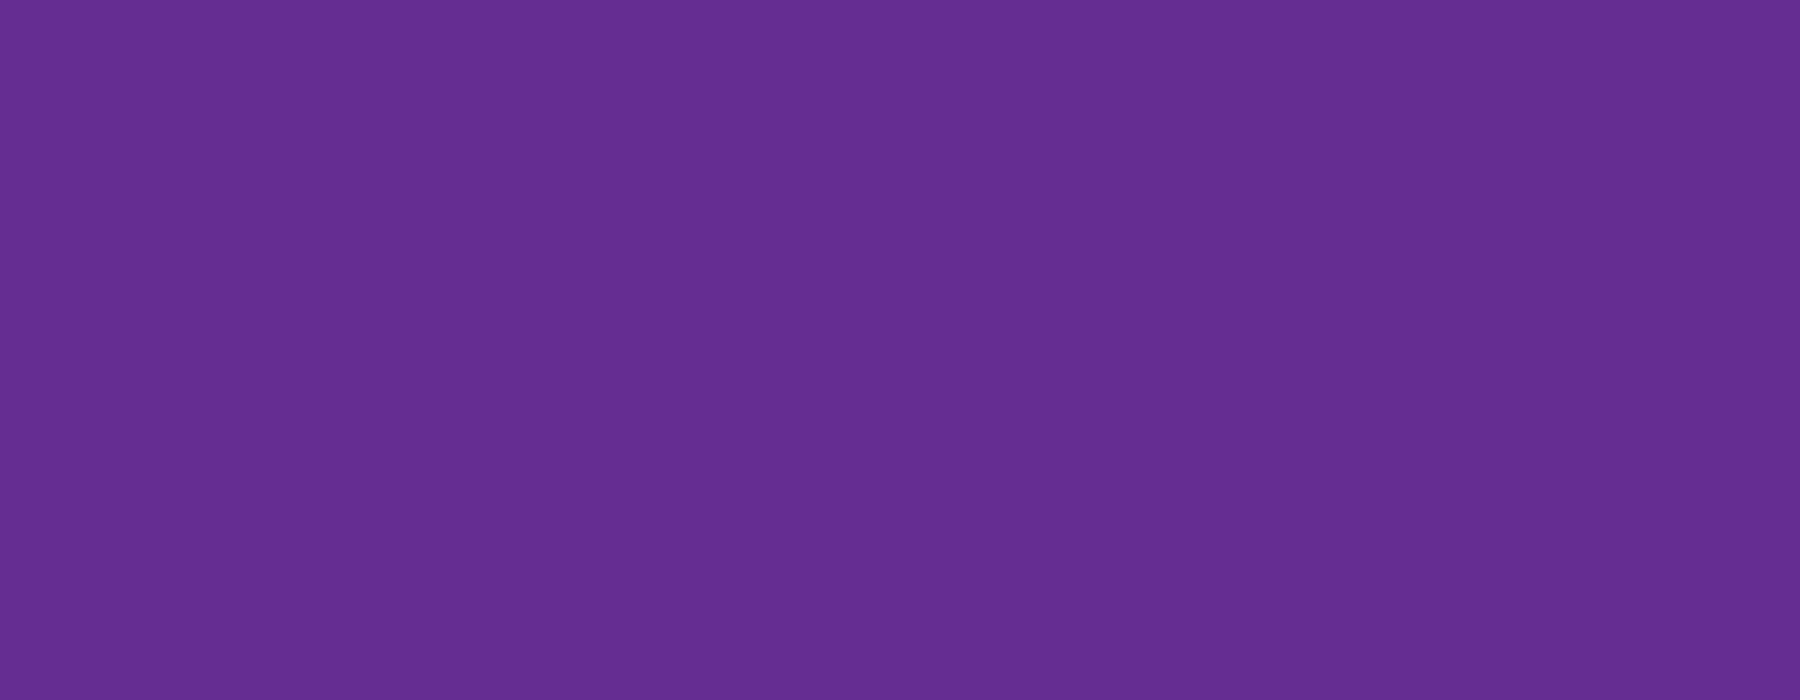 fondo-morado-1800×700